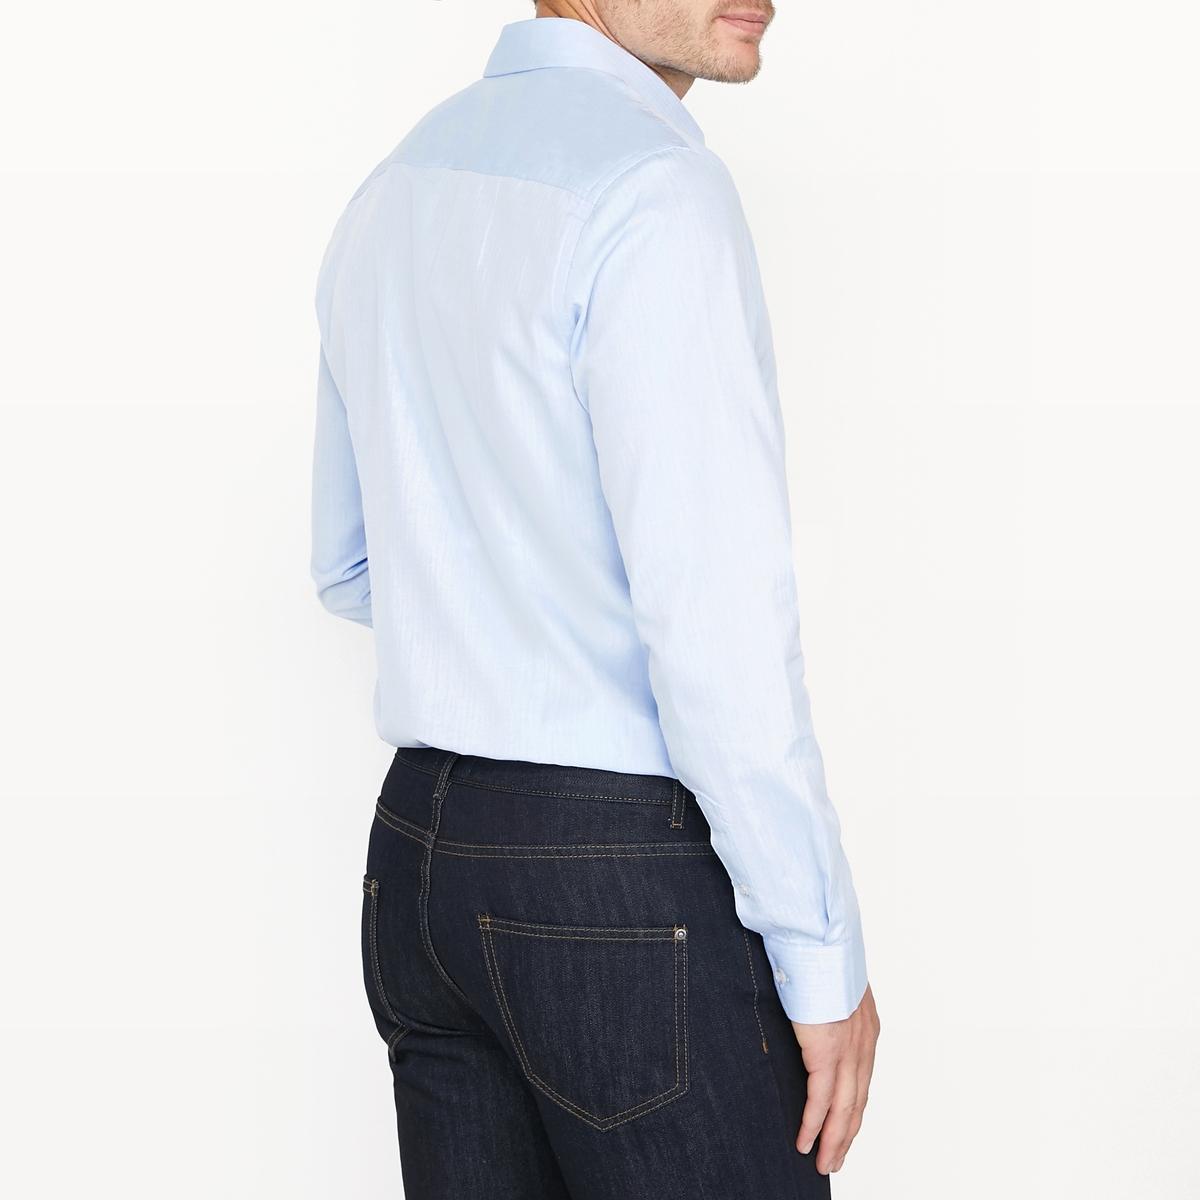 Рубашка узкая с узором 100% хлопокРубашка с длинными рукавами и зигзагообразным узором. Узкий покрой и классический воротник со свободными кончиками. Закругленный низ.Состав и описание:Материал  100% хлопкаМарка  R essentielДлина: 79 см Уход:Машинная стирка при 40 °ССтирка с вещами схожих цветовОтбеливание запрещеноГладить на средней температуре Сухая (химическая) чистка запрещенаМашинная сушка запрещена<br><br>Цвет: синий